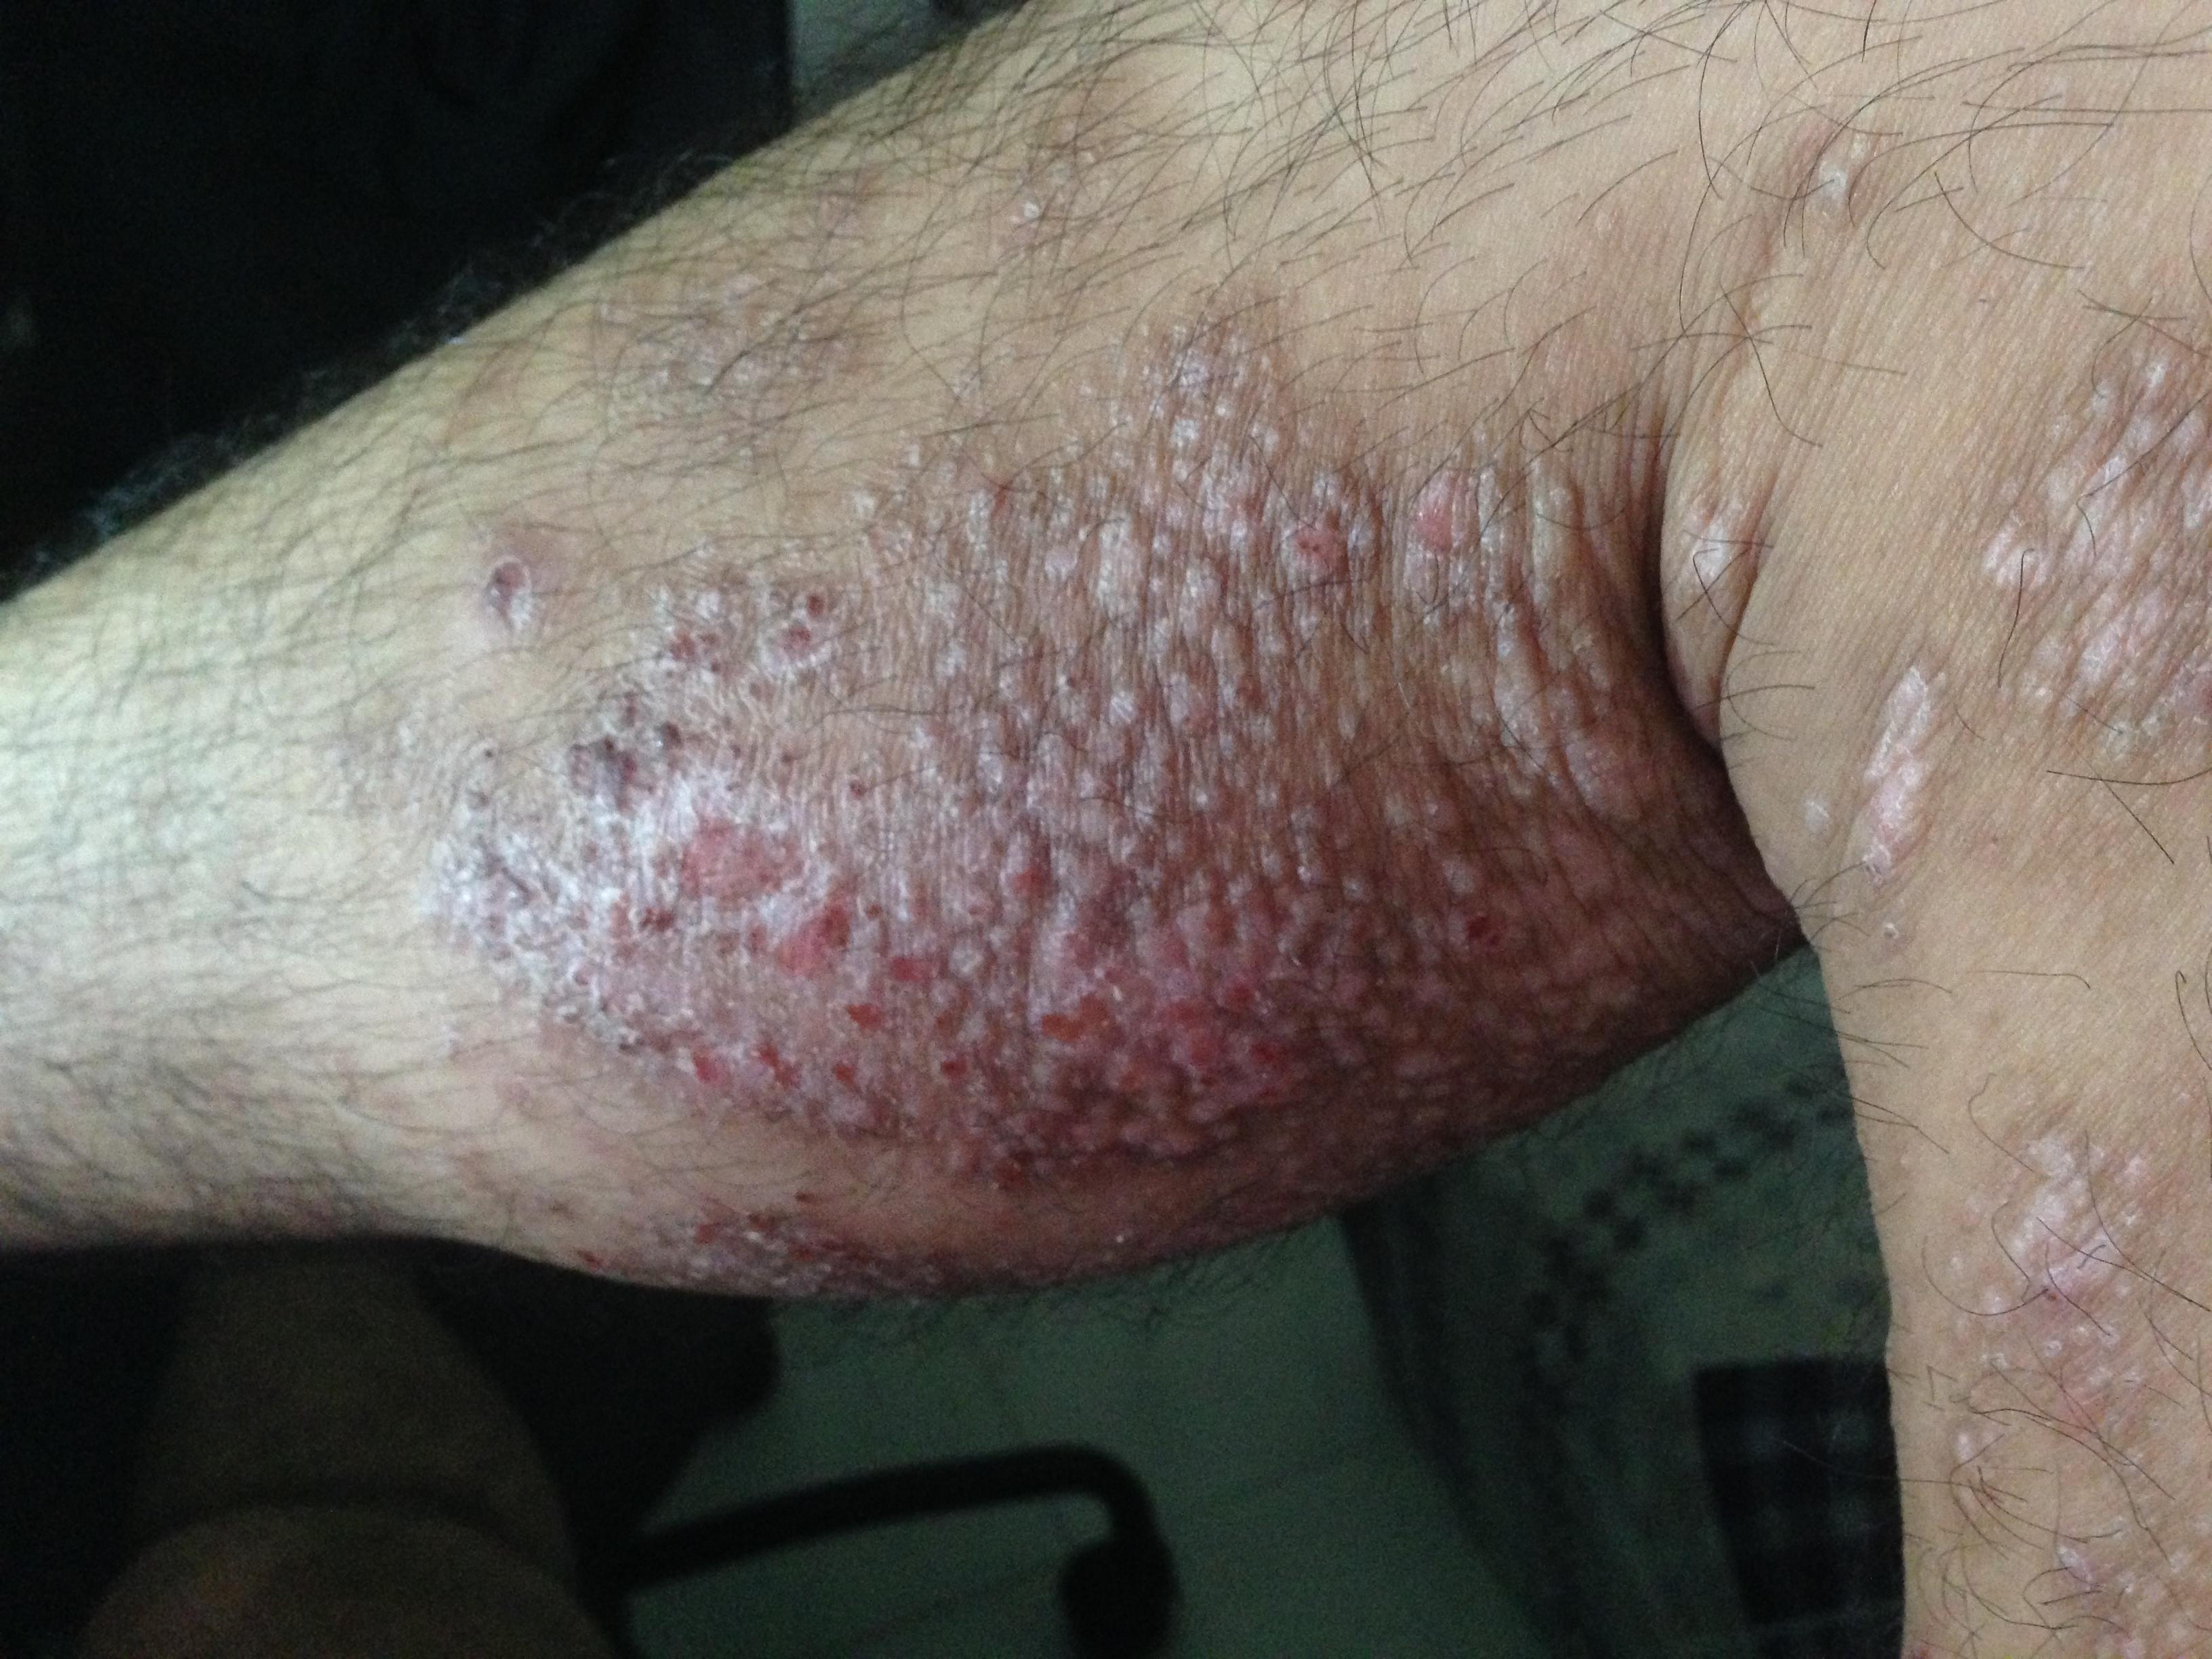 Сhronic spongiotic dermatitis treatment